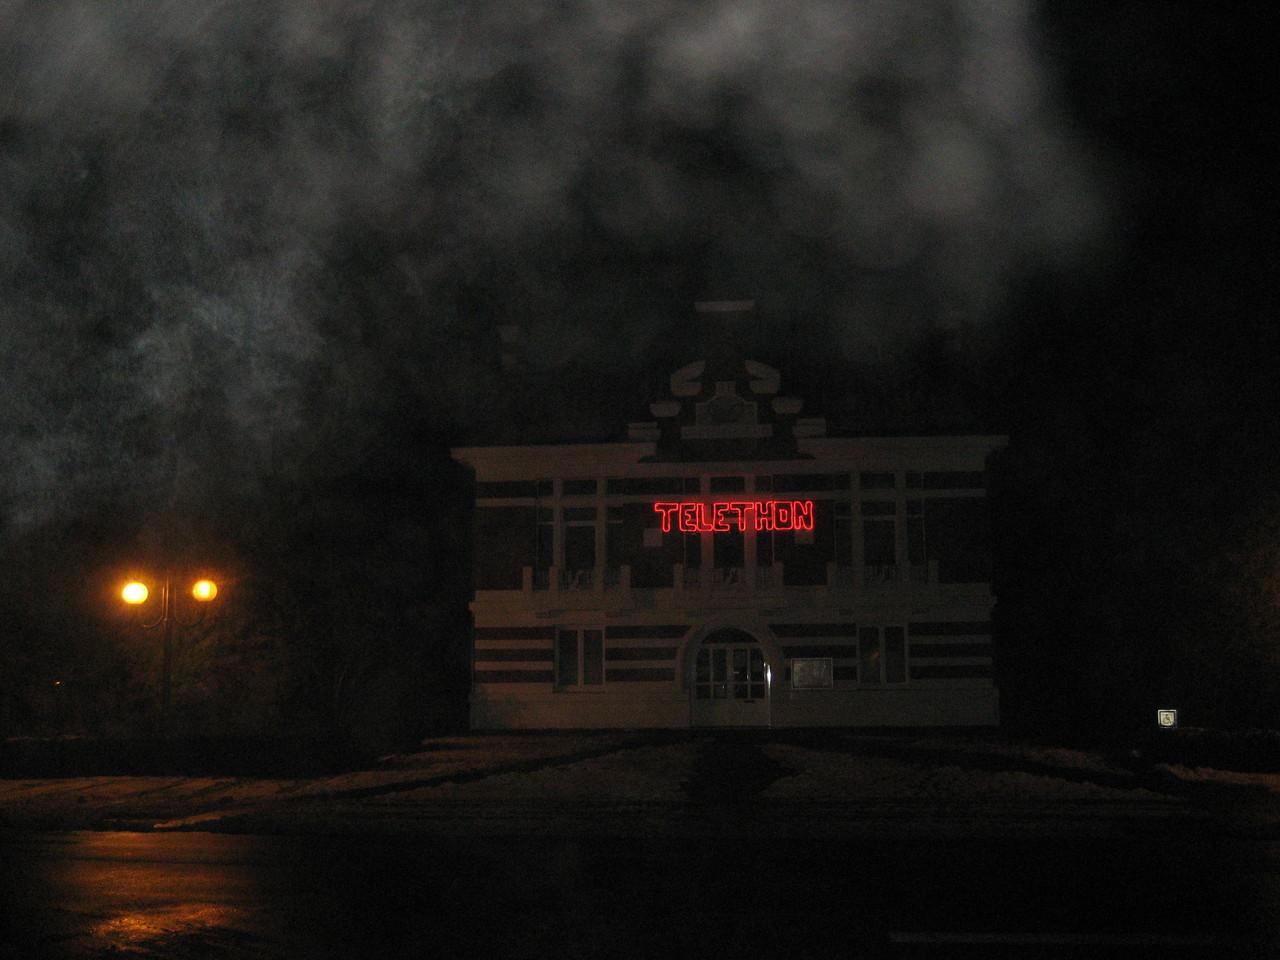 Une fête qui réchauffe dans la nuit et la neige !